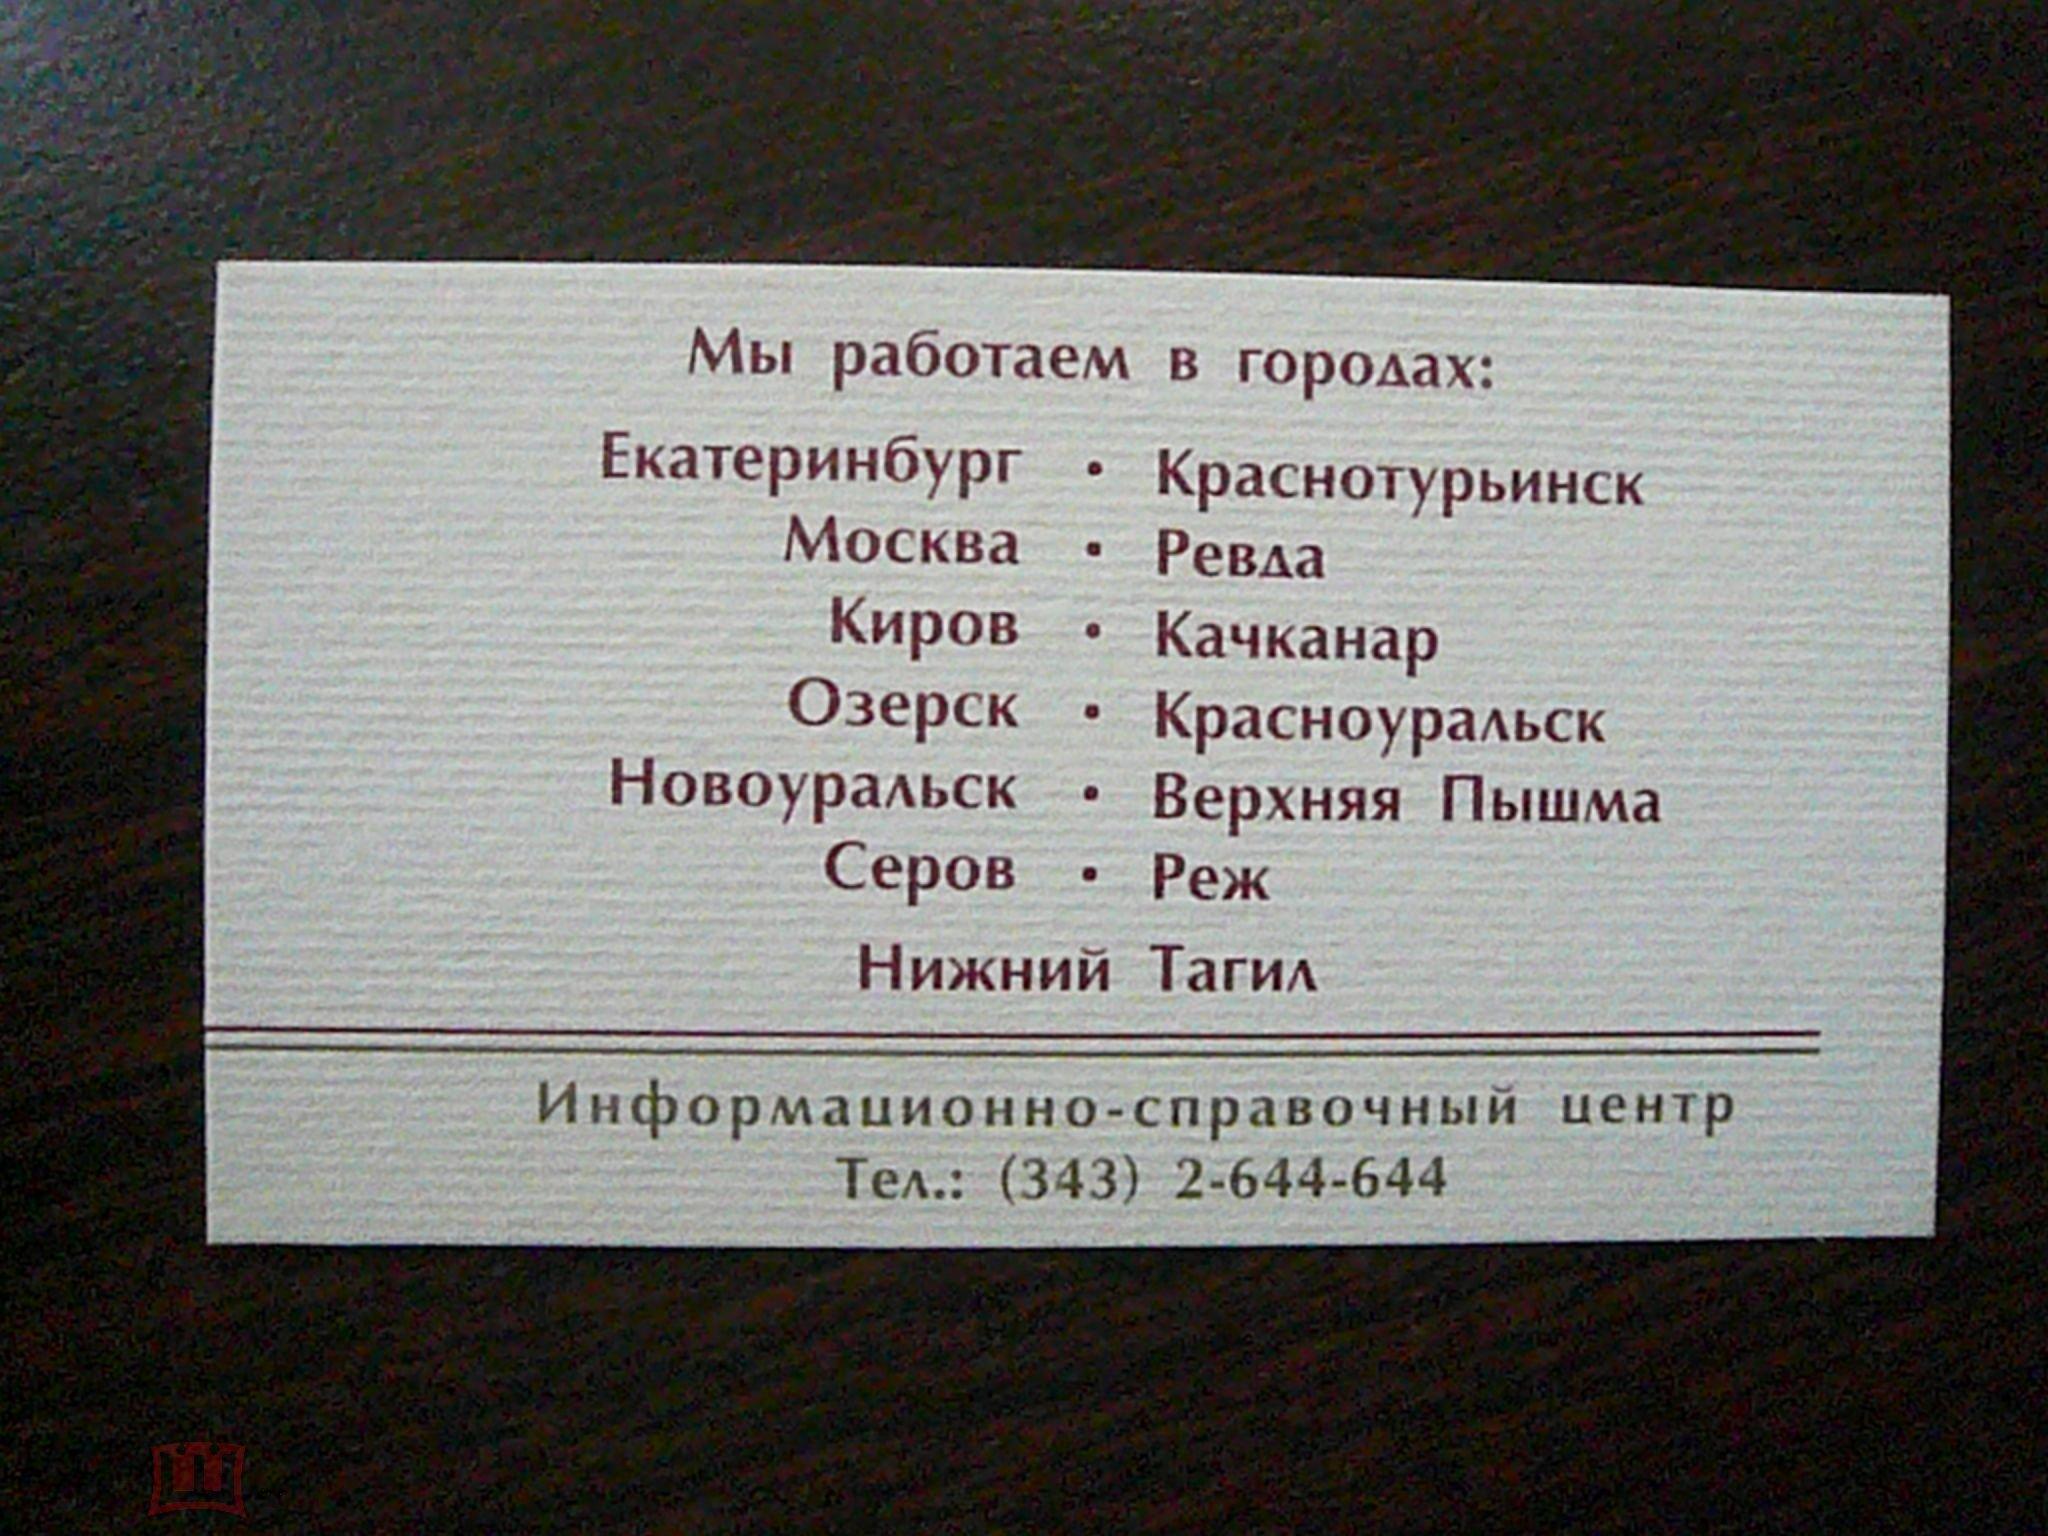 восточный банк оплатить кредит по номеру договора онлайн с карты другого банка